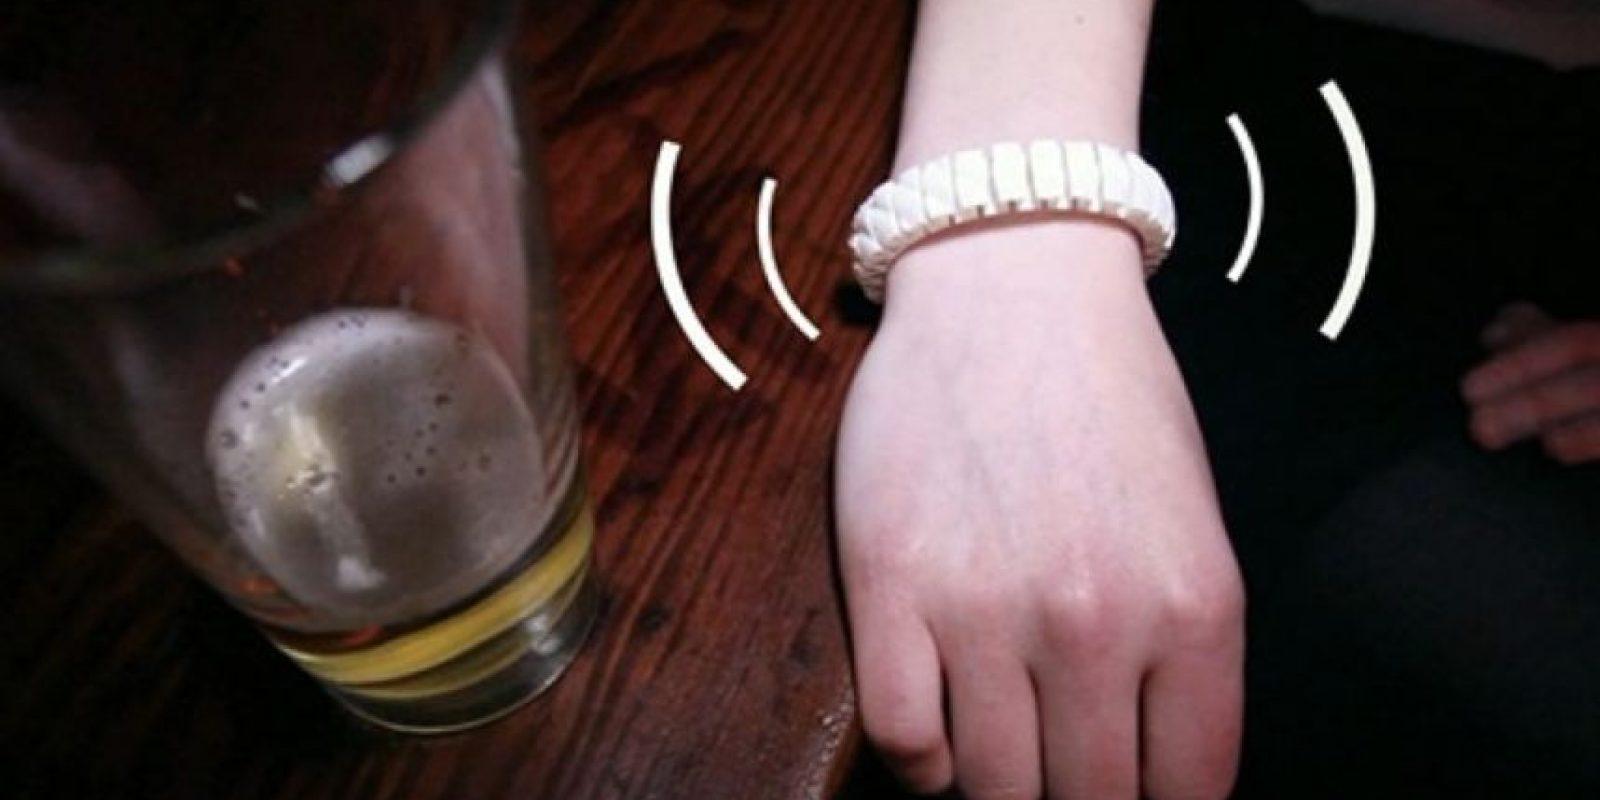 De este modo podrán mantener una sana convivencia, libre de riesgos que son producto del consumo excesivo de alcohol. Foto:Iamdandoan.com